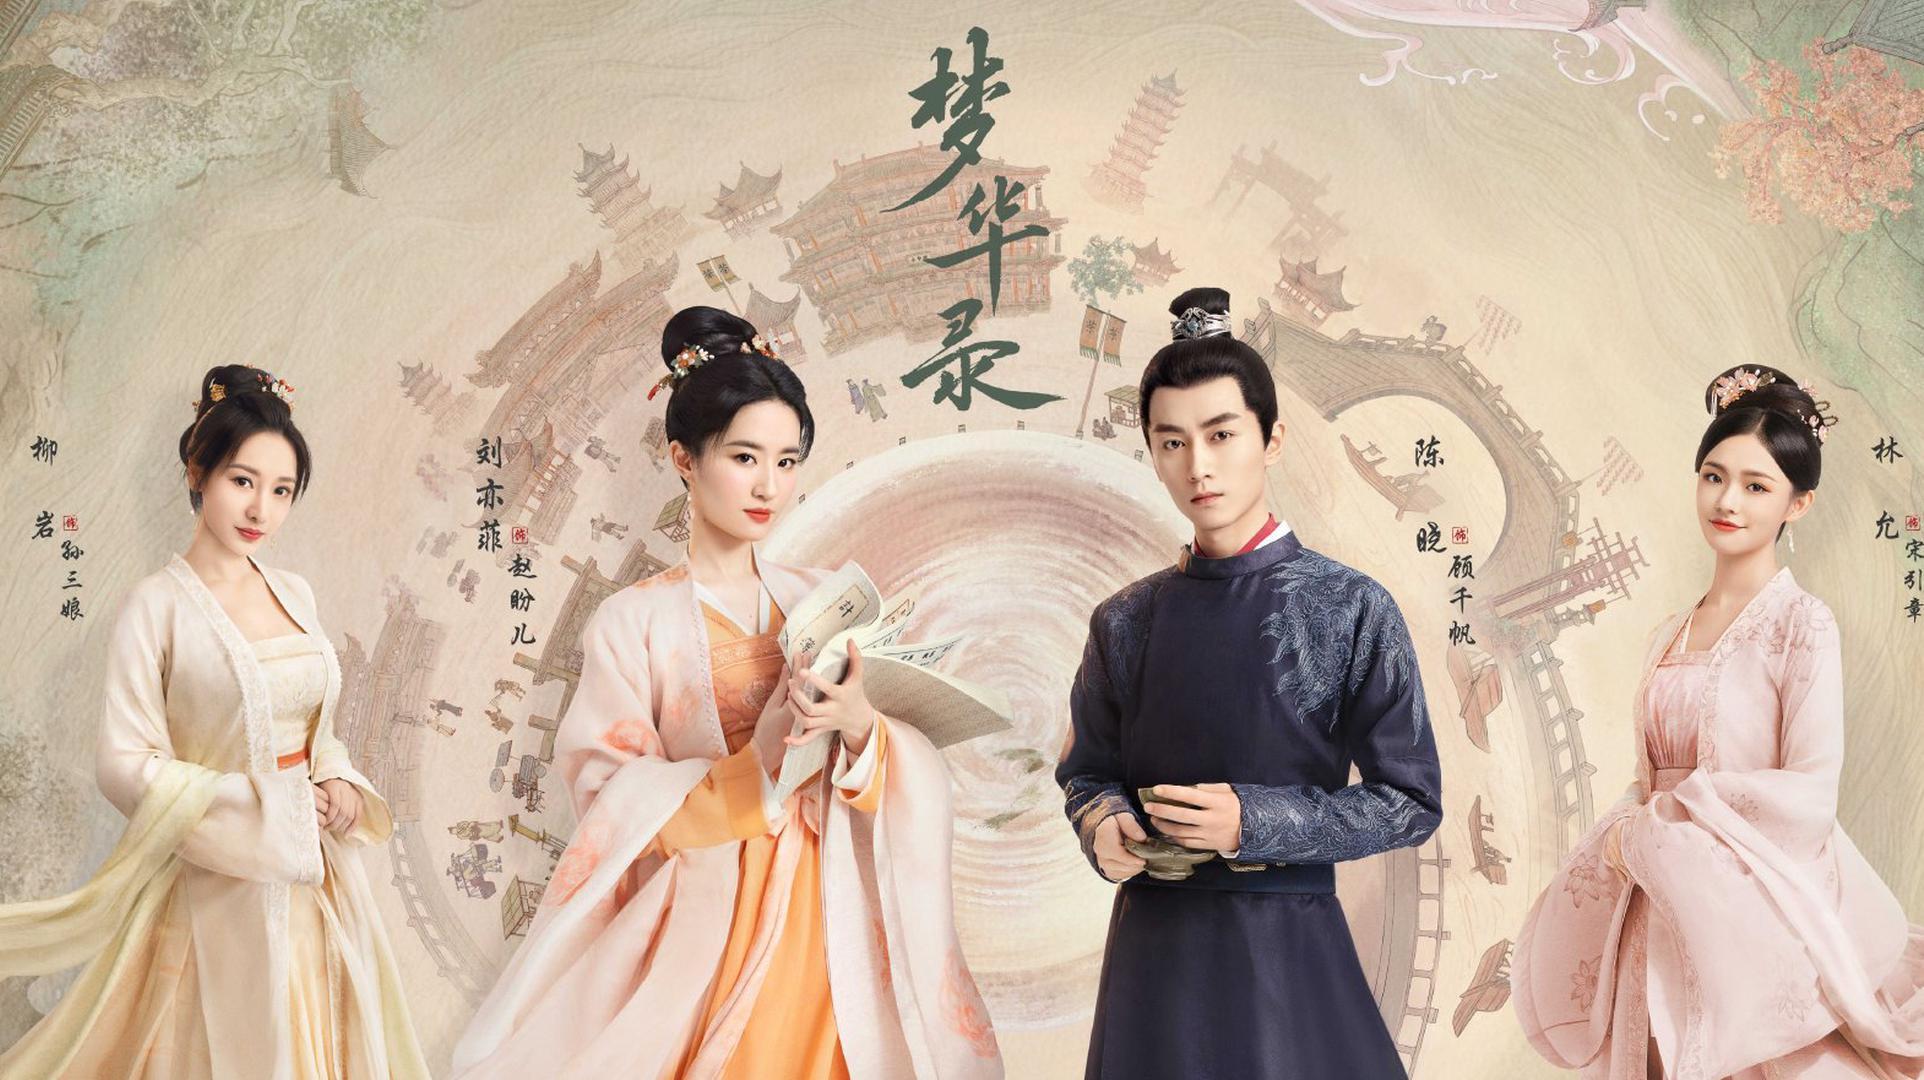 组图:《梦华录》首曝预告 刘亦菲古装好美陈晓眼神温柔